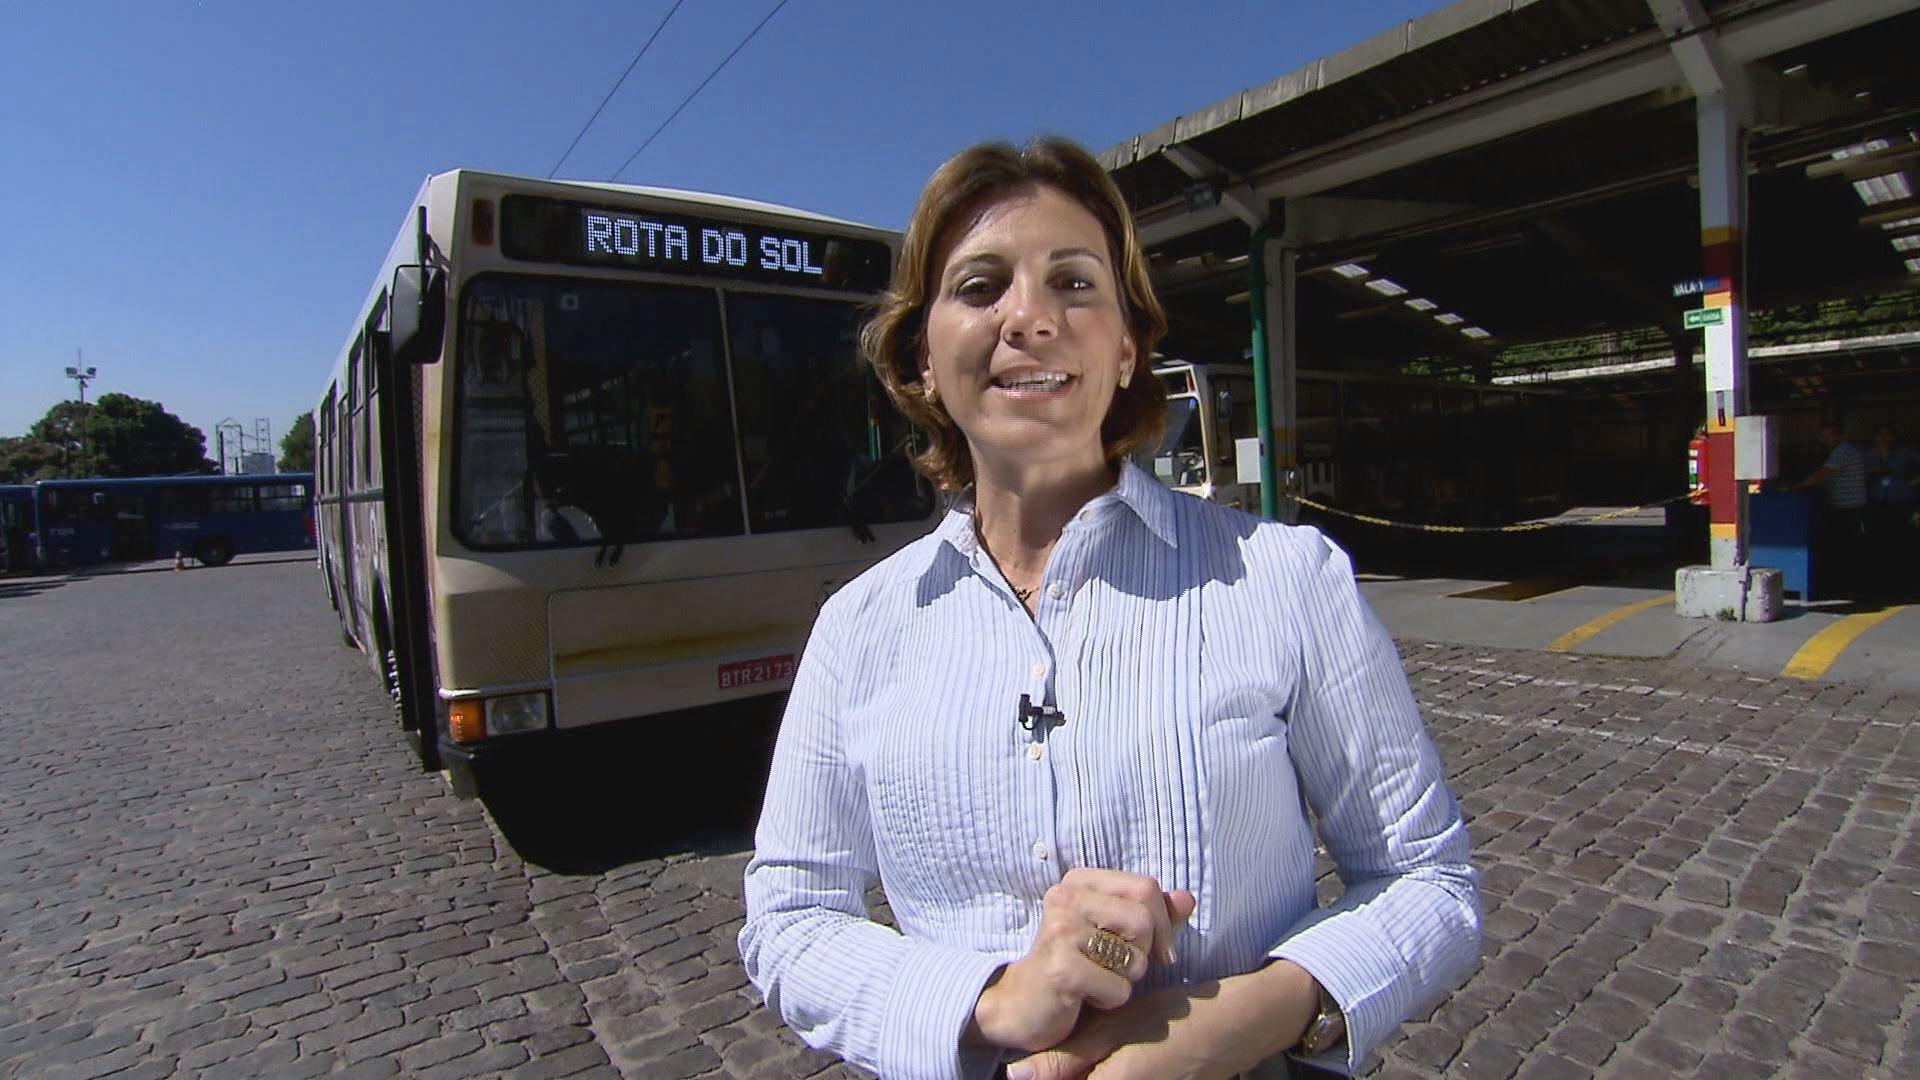 Rosana Valle - Programa Rota do Sol (Foto: Divulgação)